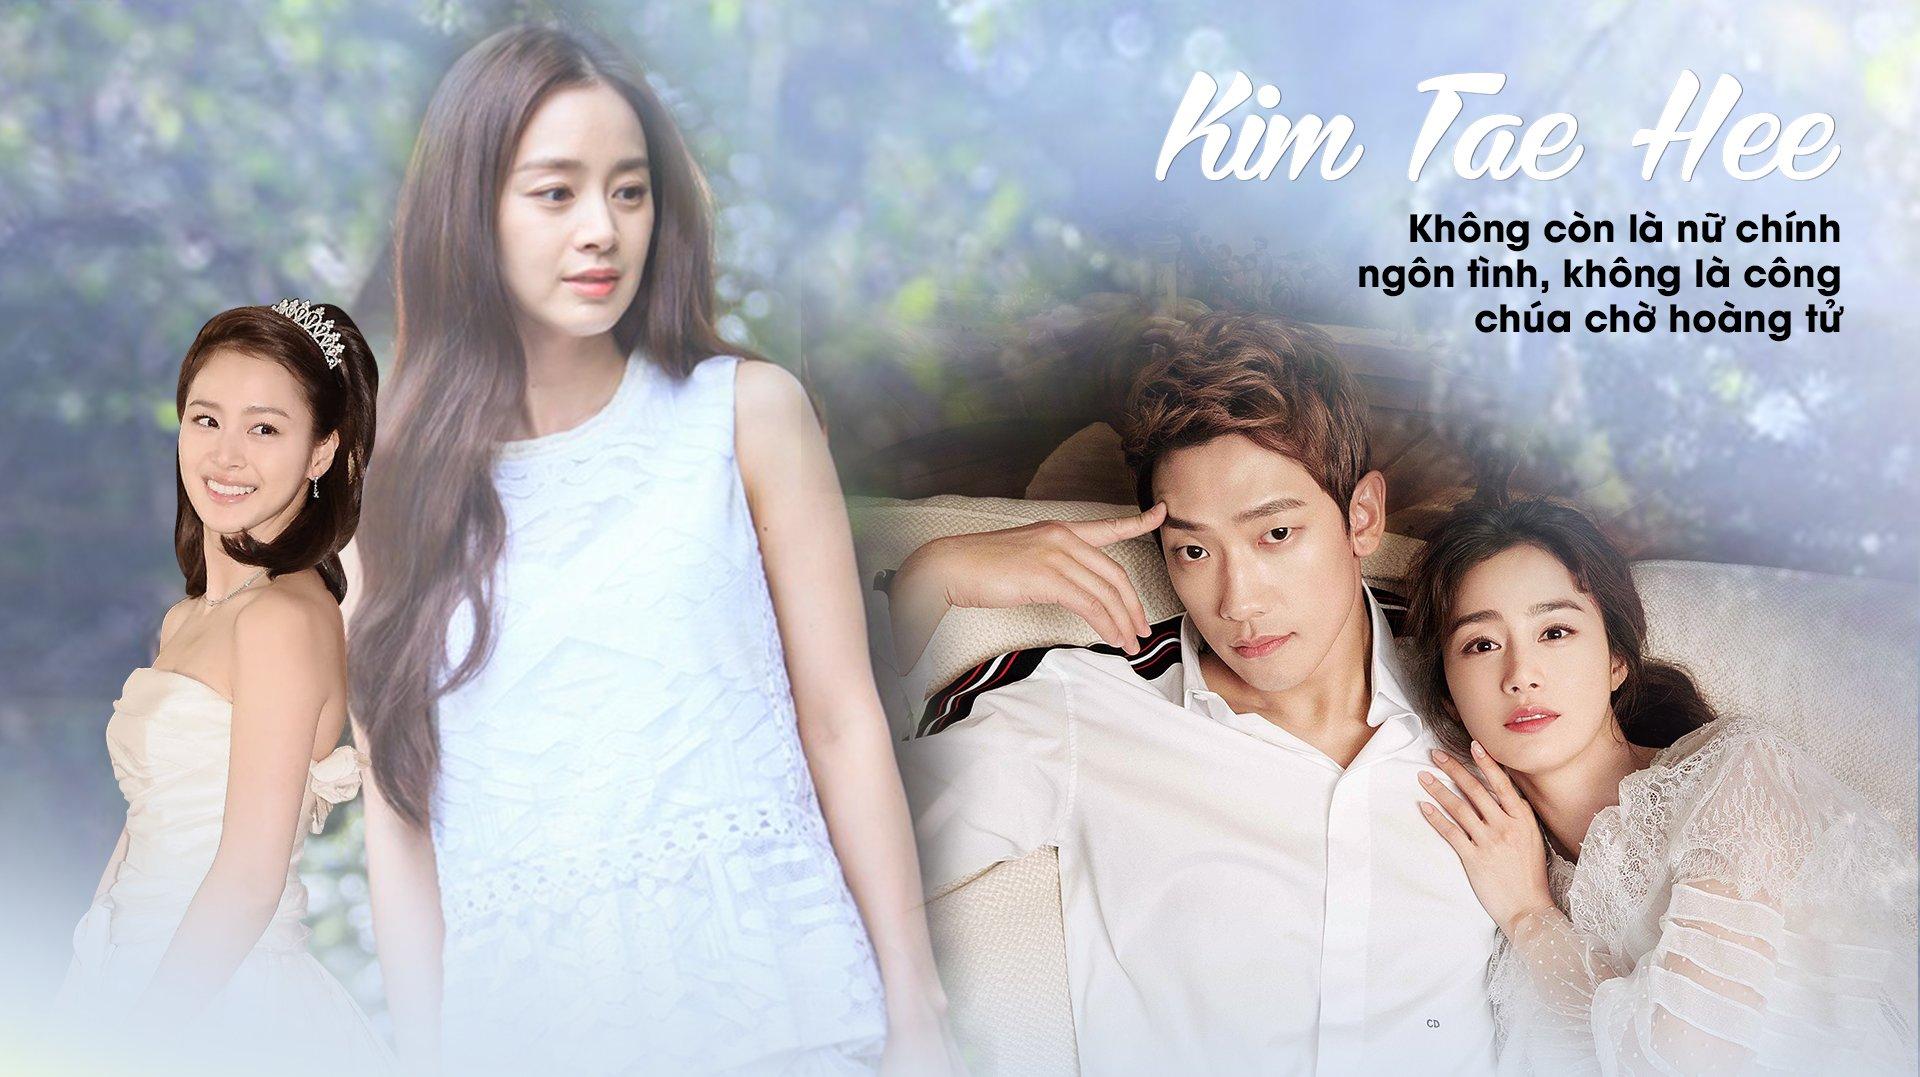 Kim Tae Hee: Không còn là nữ chính ngôn tình, không là công chúa chờ hoàng tử - 1